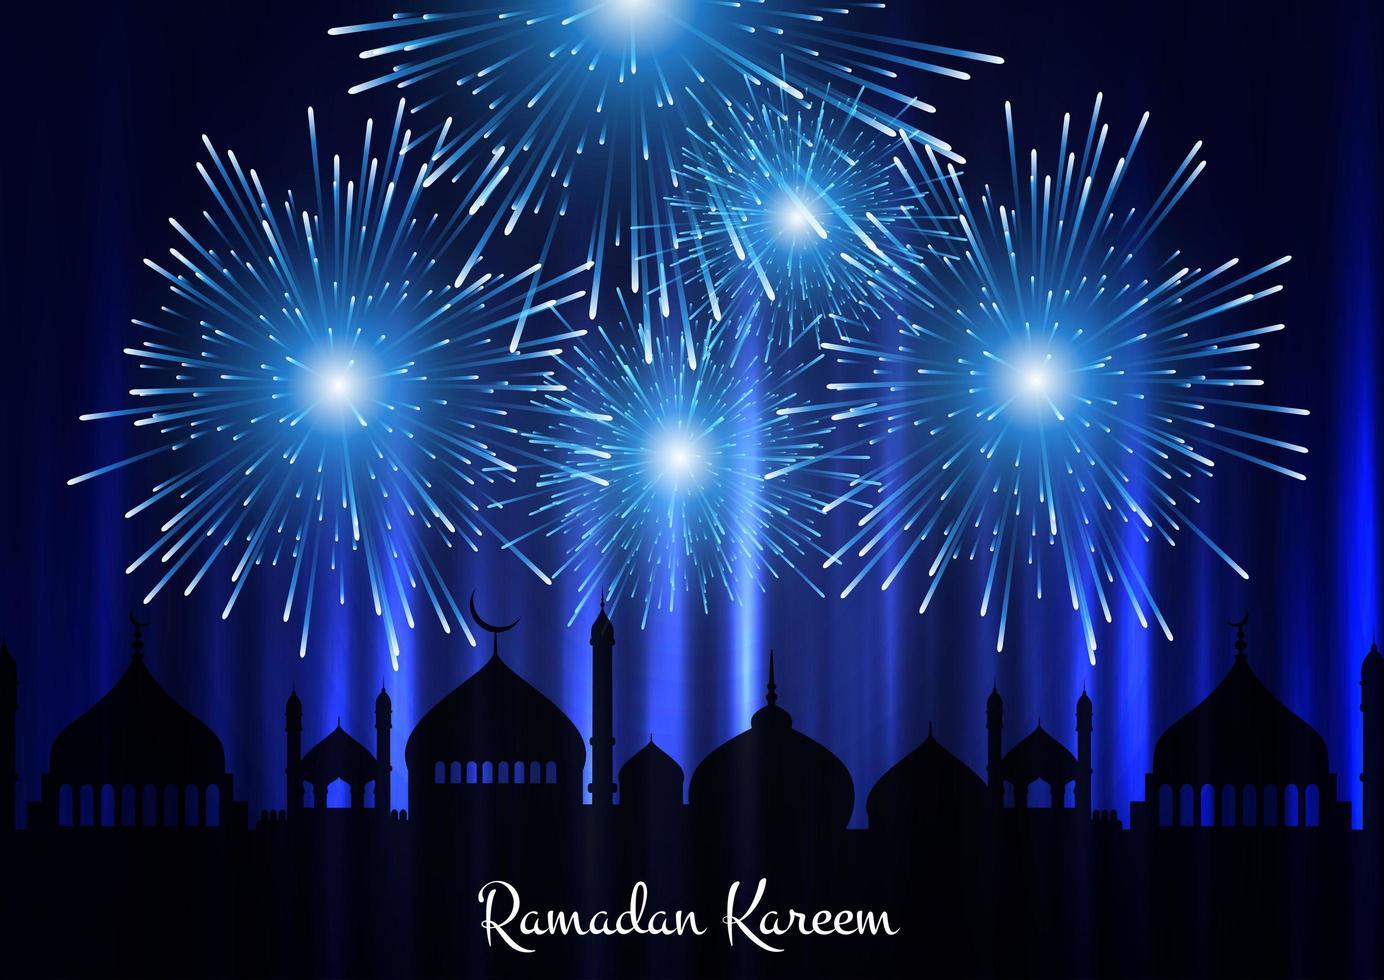 Fondo de Ramadán Kareem con silueta de mezquita y fuegos artificiales vector